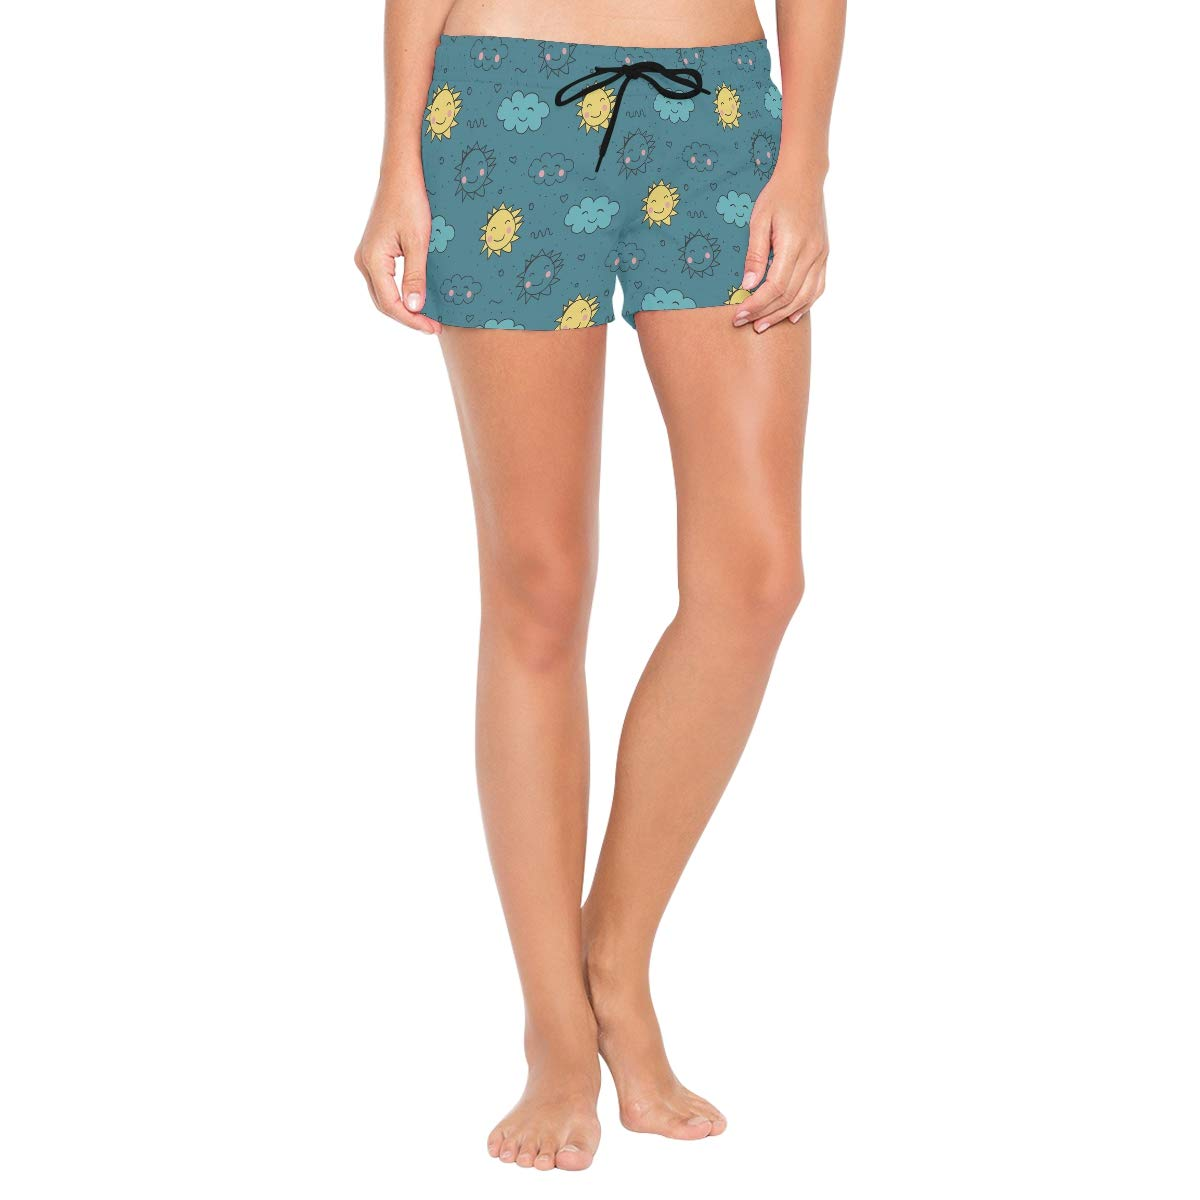 Women Swim Trunks Yellow Blue Sun Cloud Doodle Pattern Beach Board Shorts